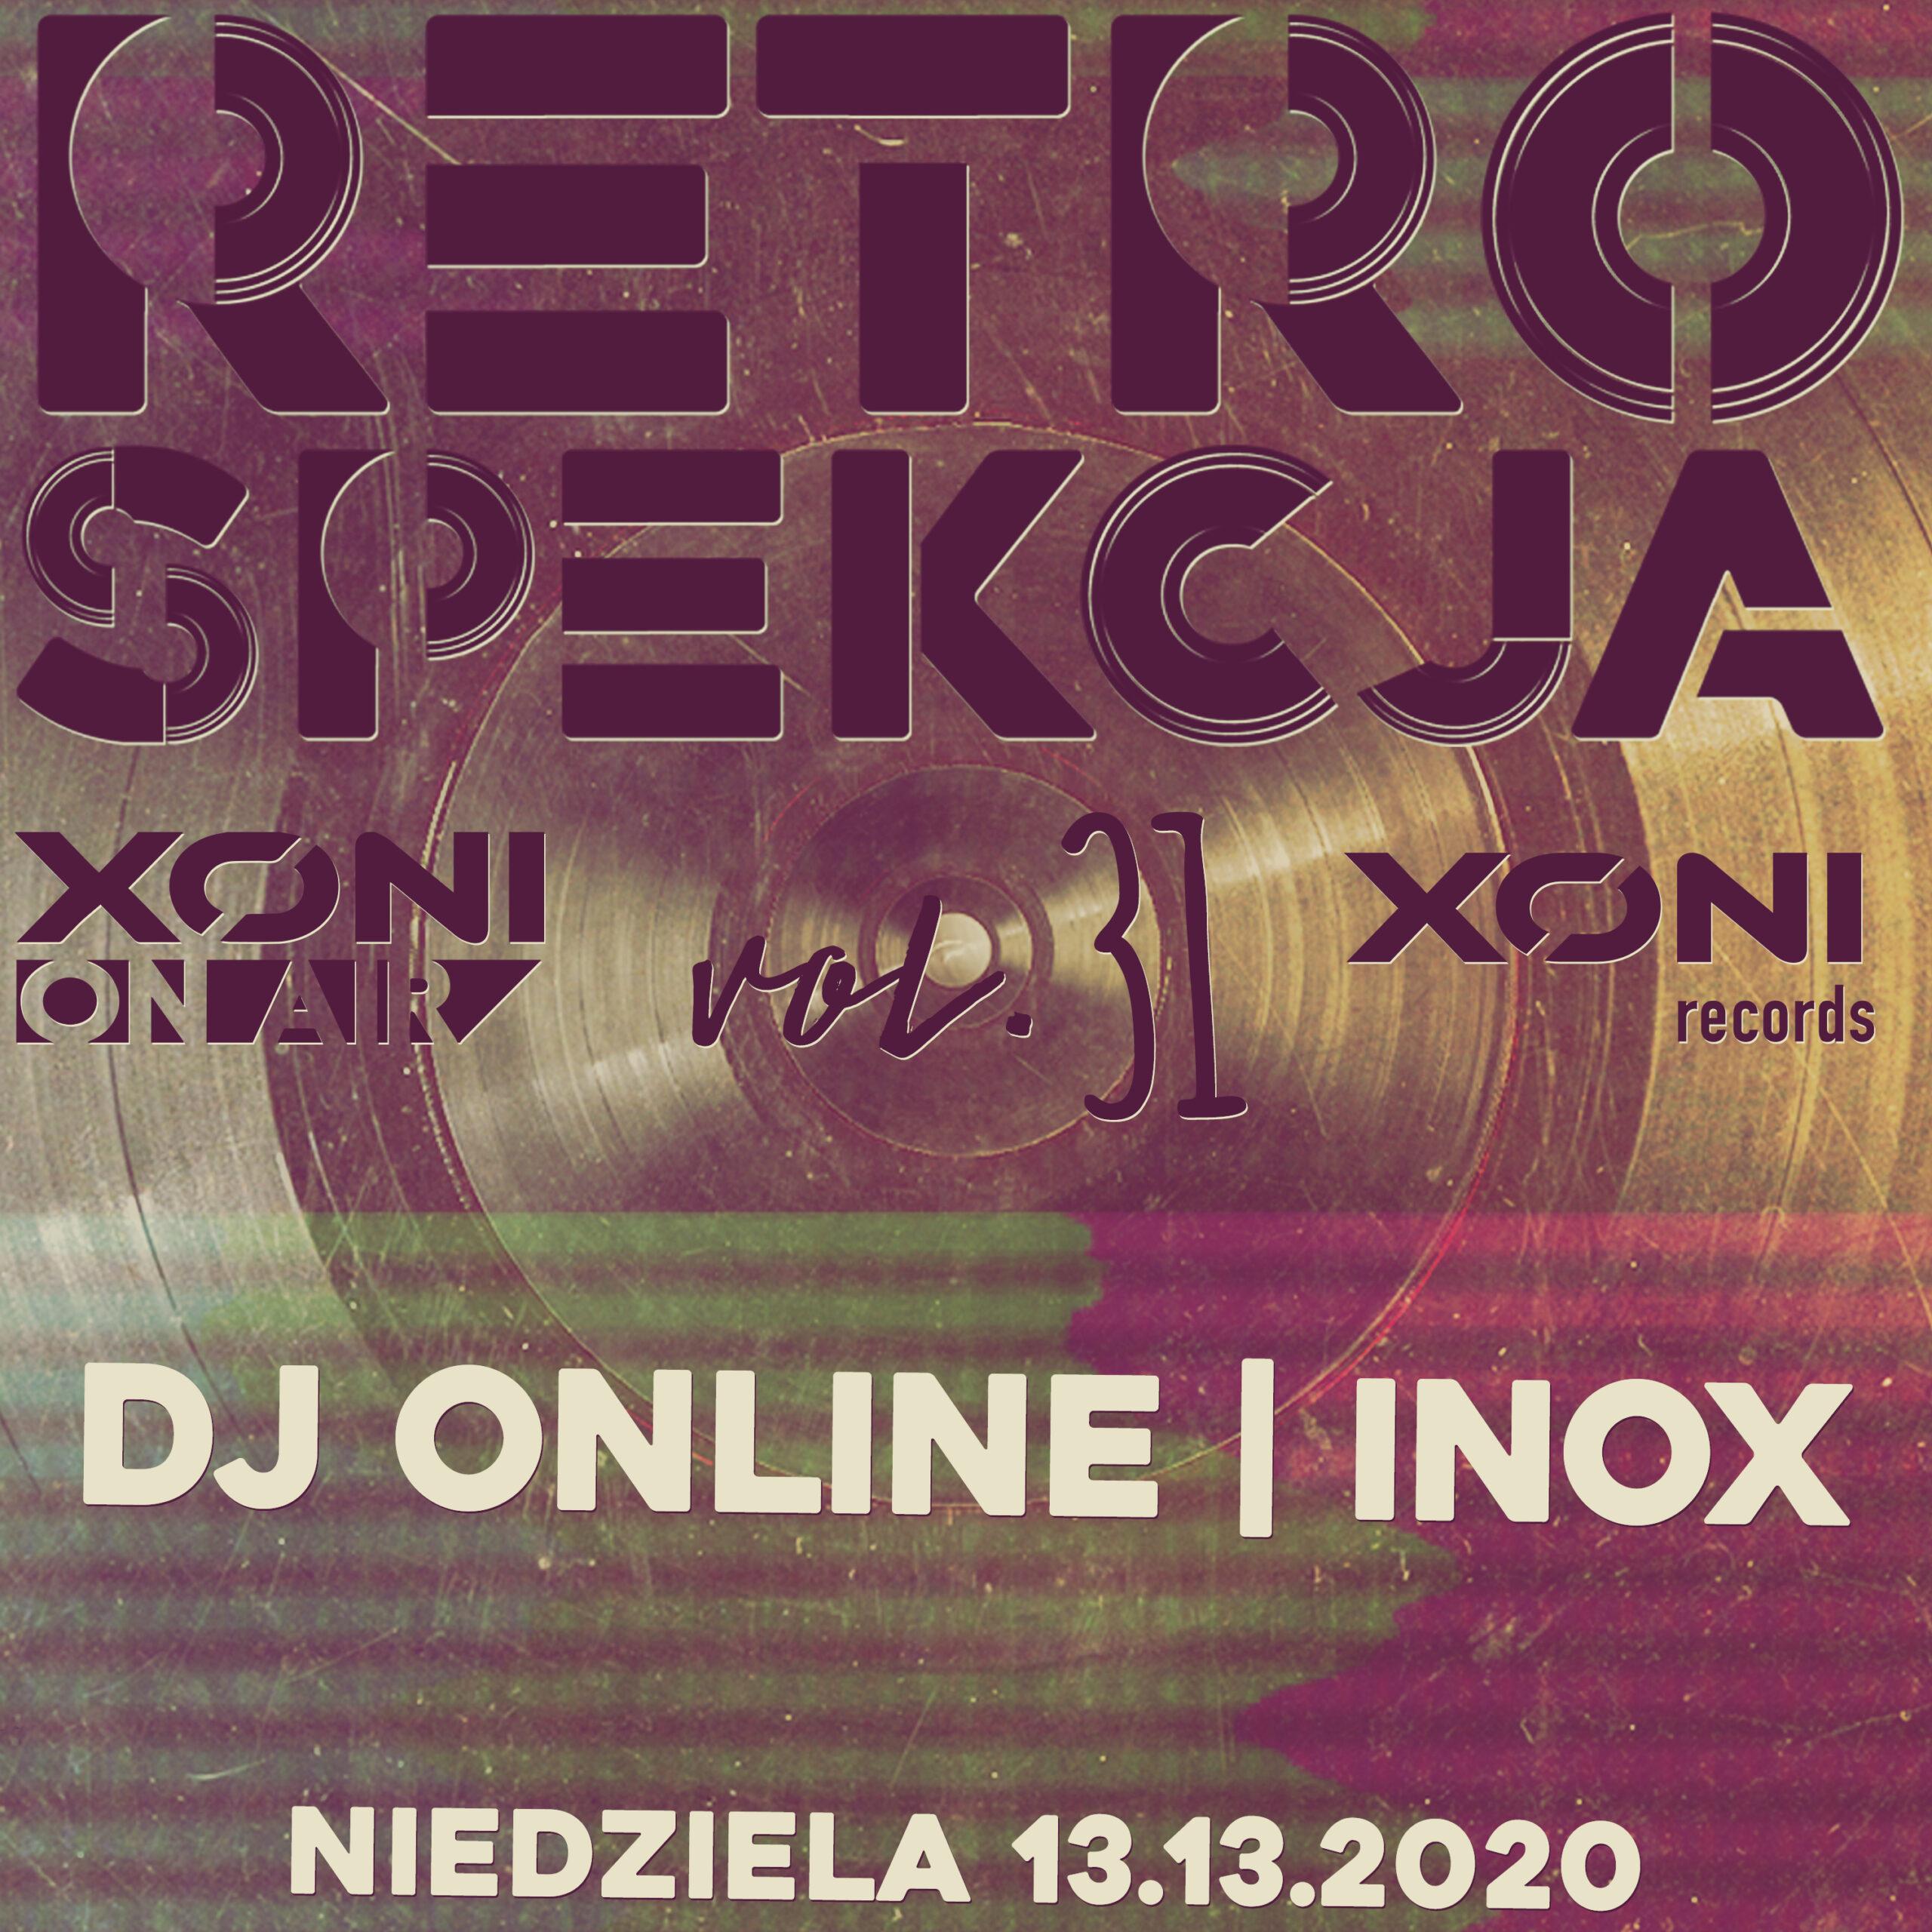 Retrospekcja Vol.31 Dj Online/Inox